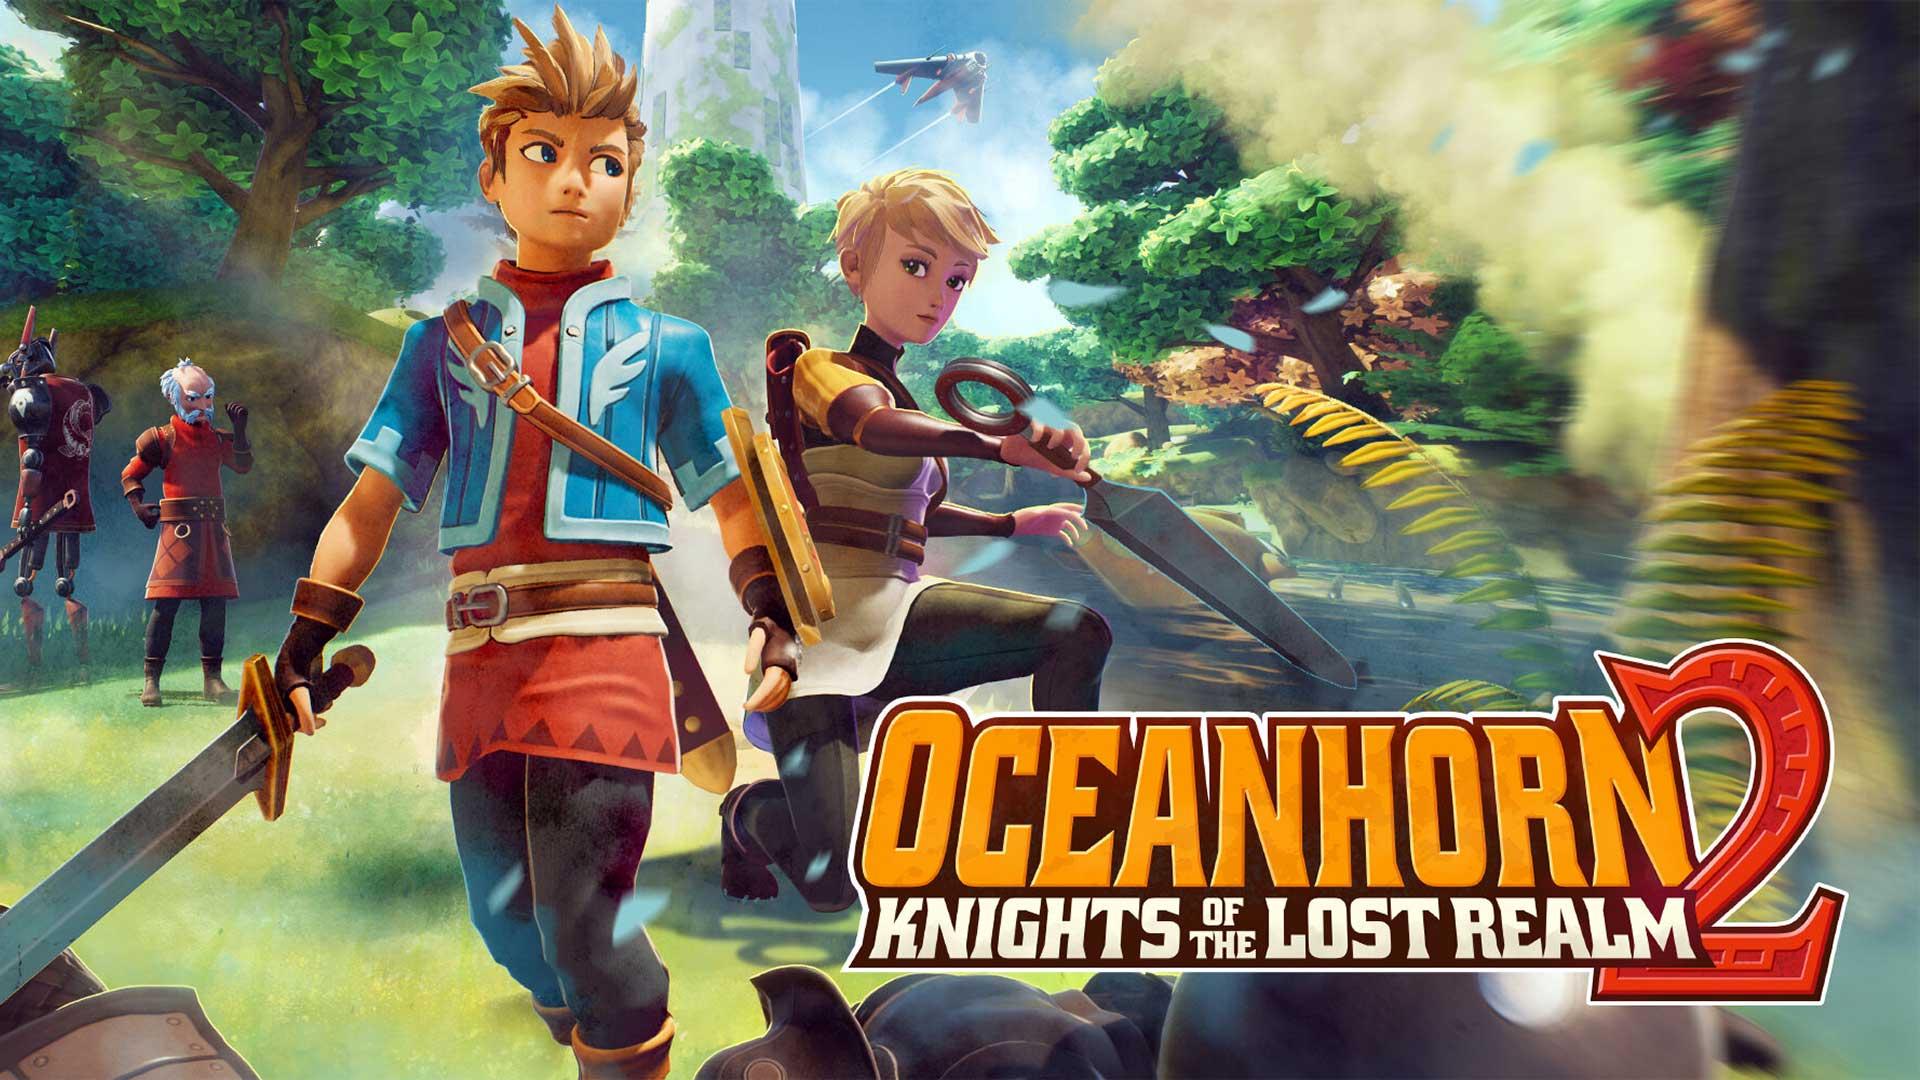 oceanhorn 2 switch release